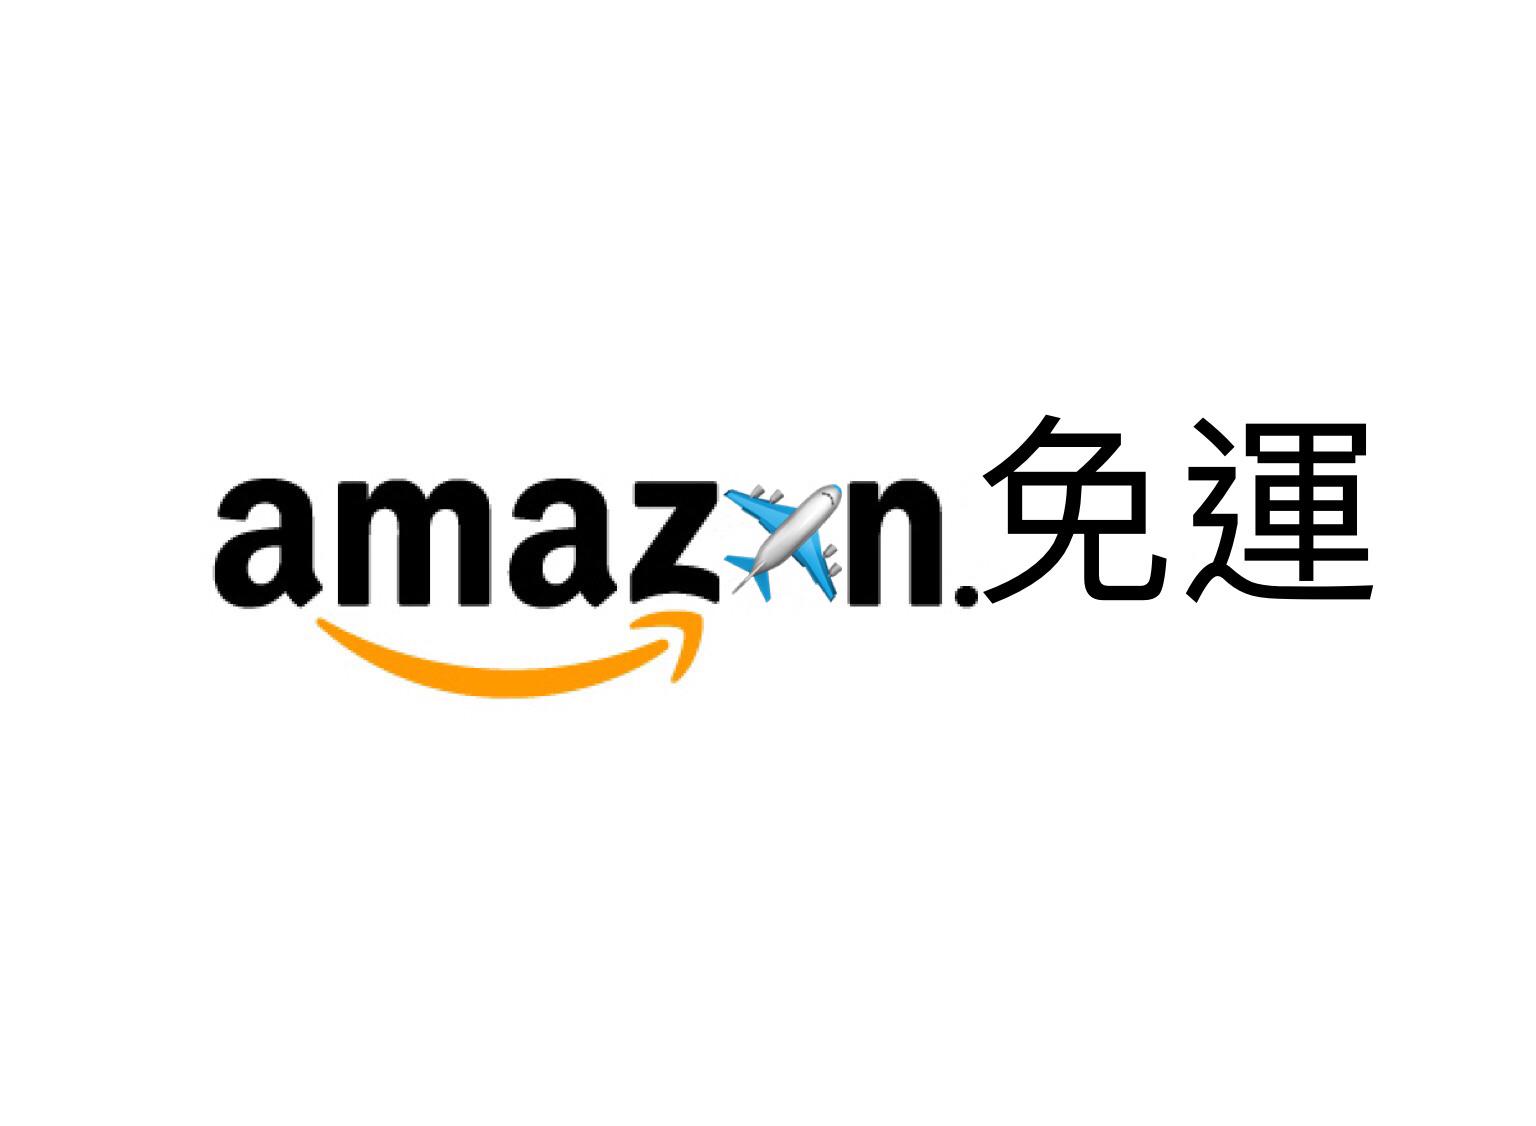 日本亞馬遜免國際運費優惠活動介紹